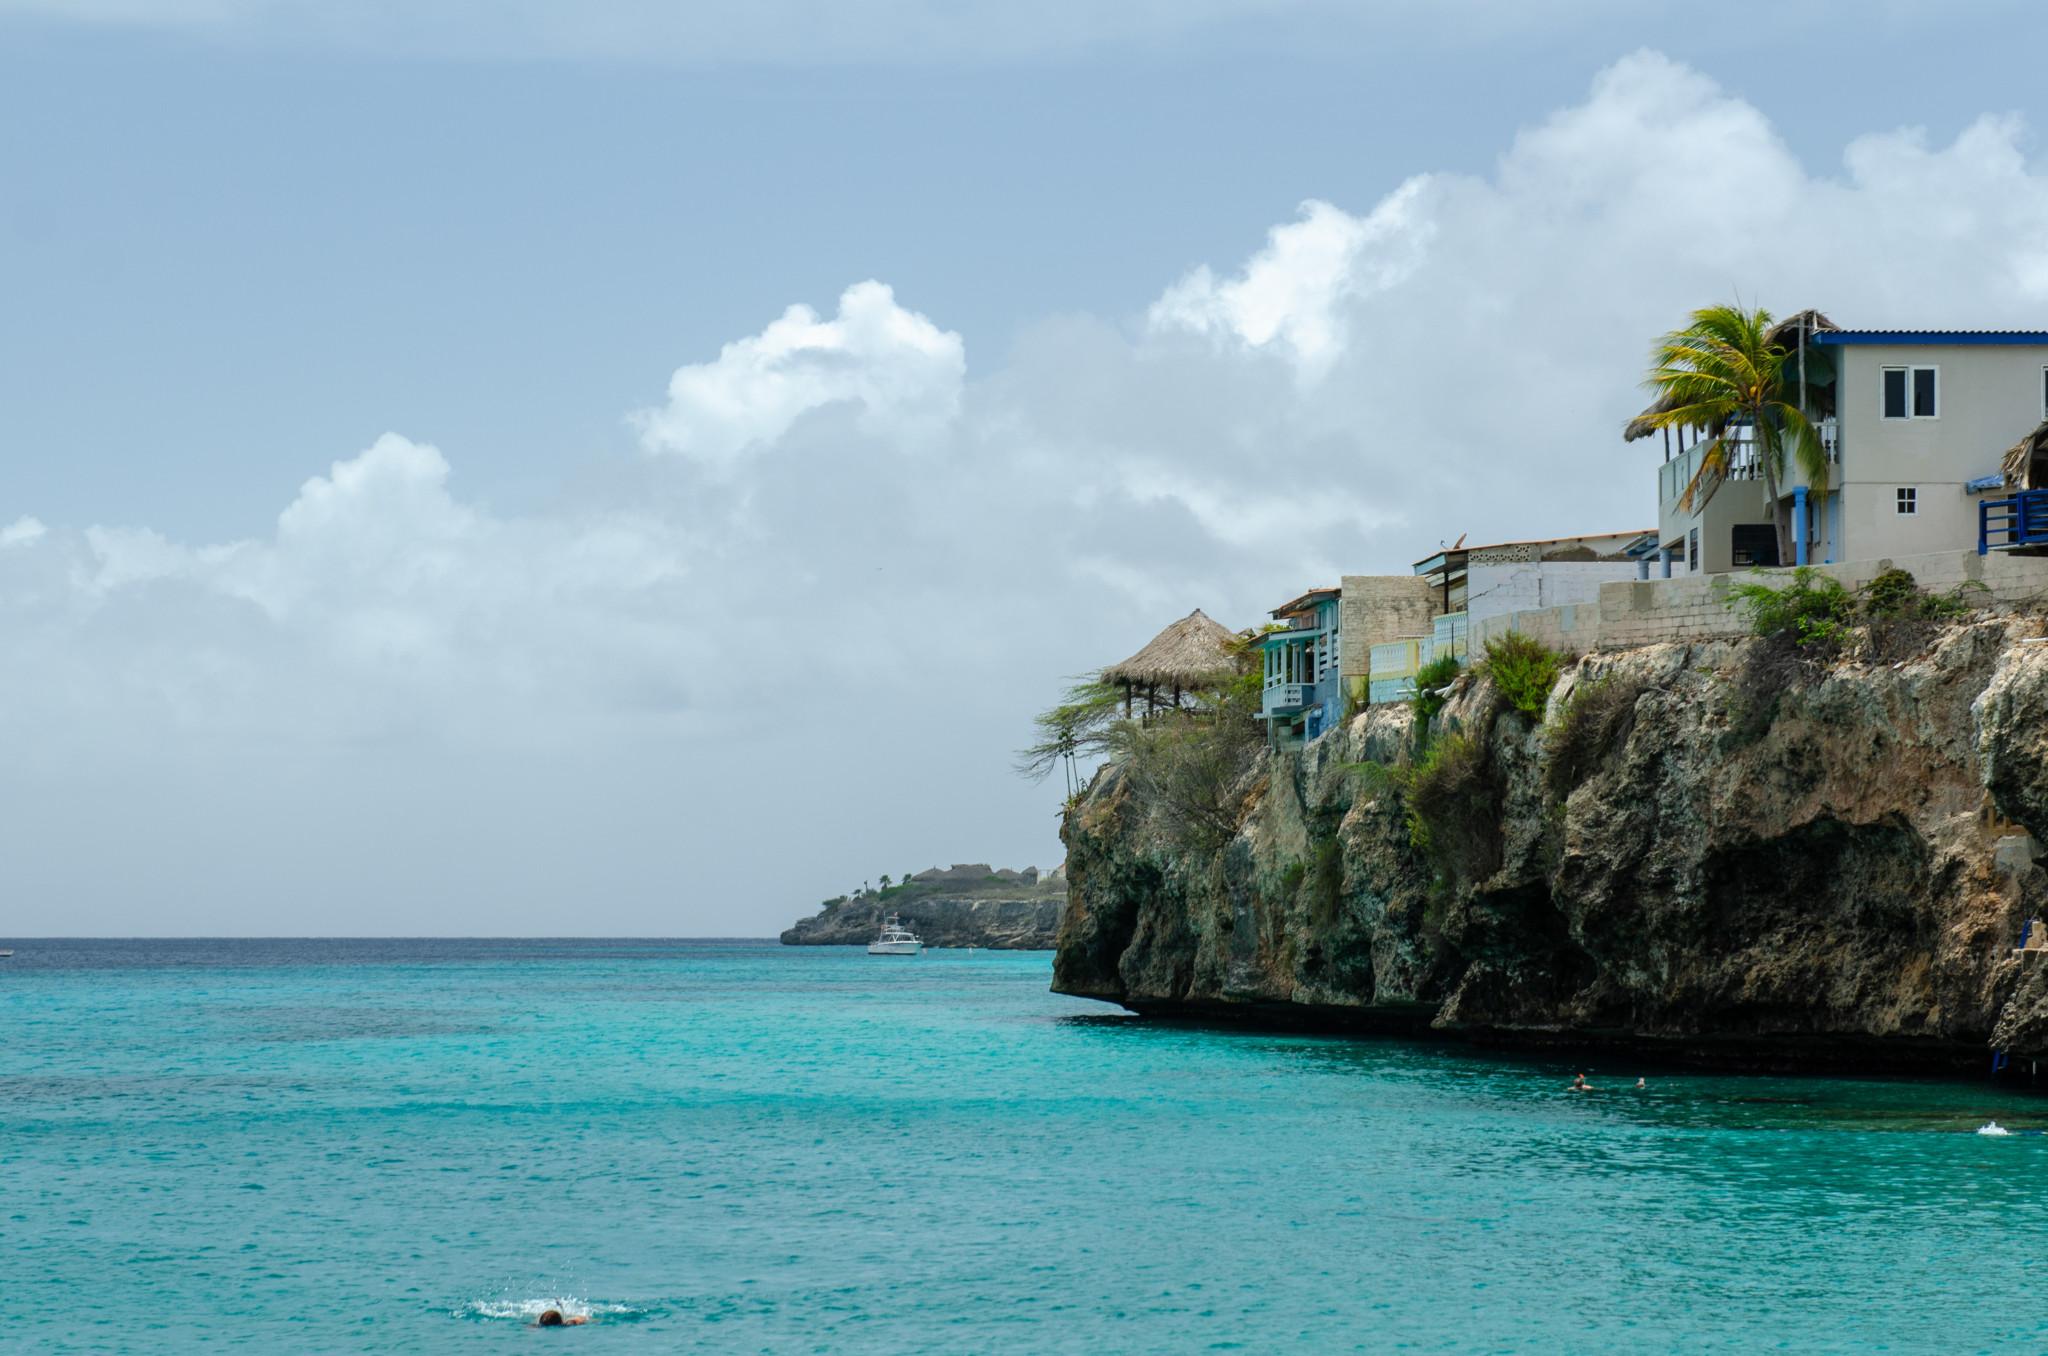 Die Strände in Curaçao sind herrlich unberührt